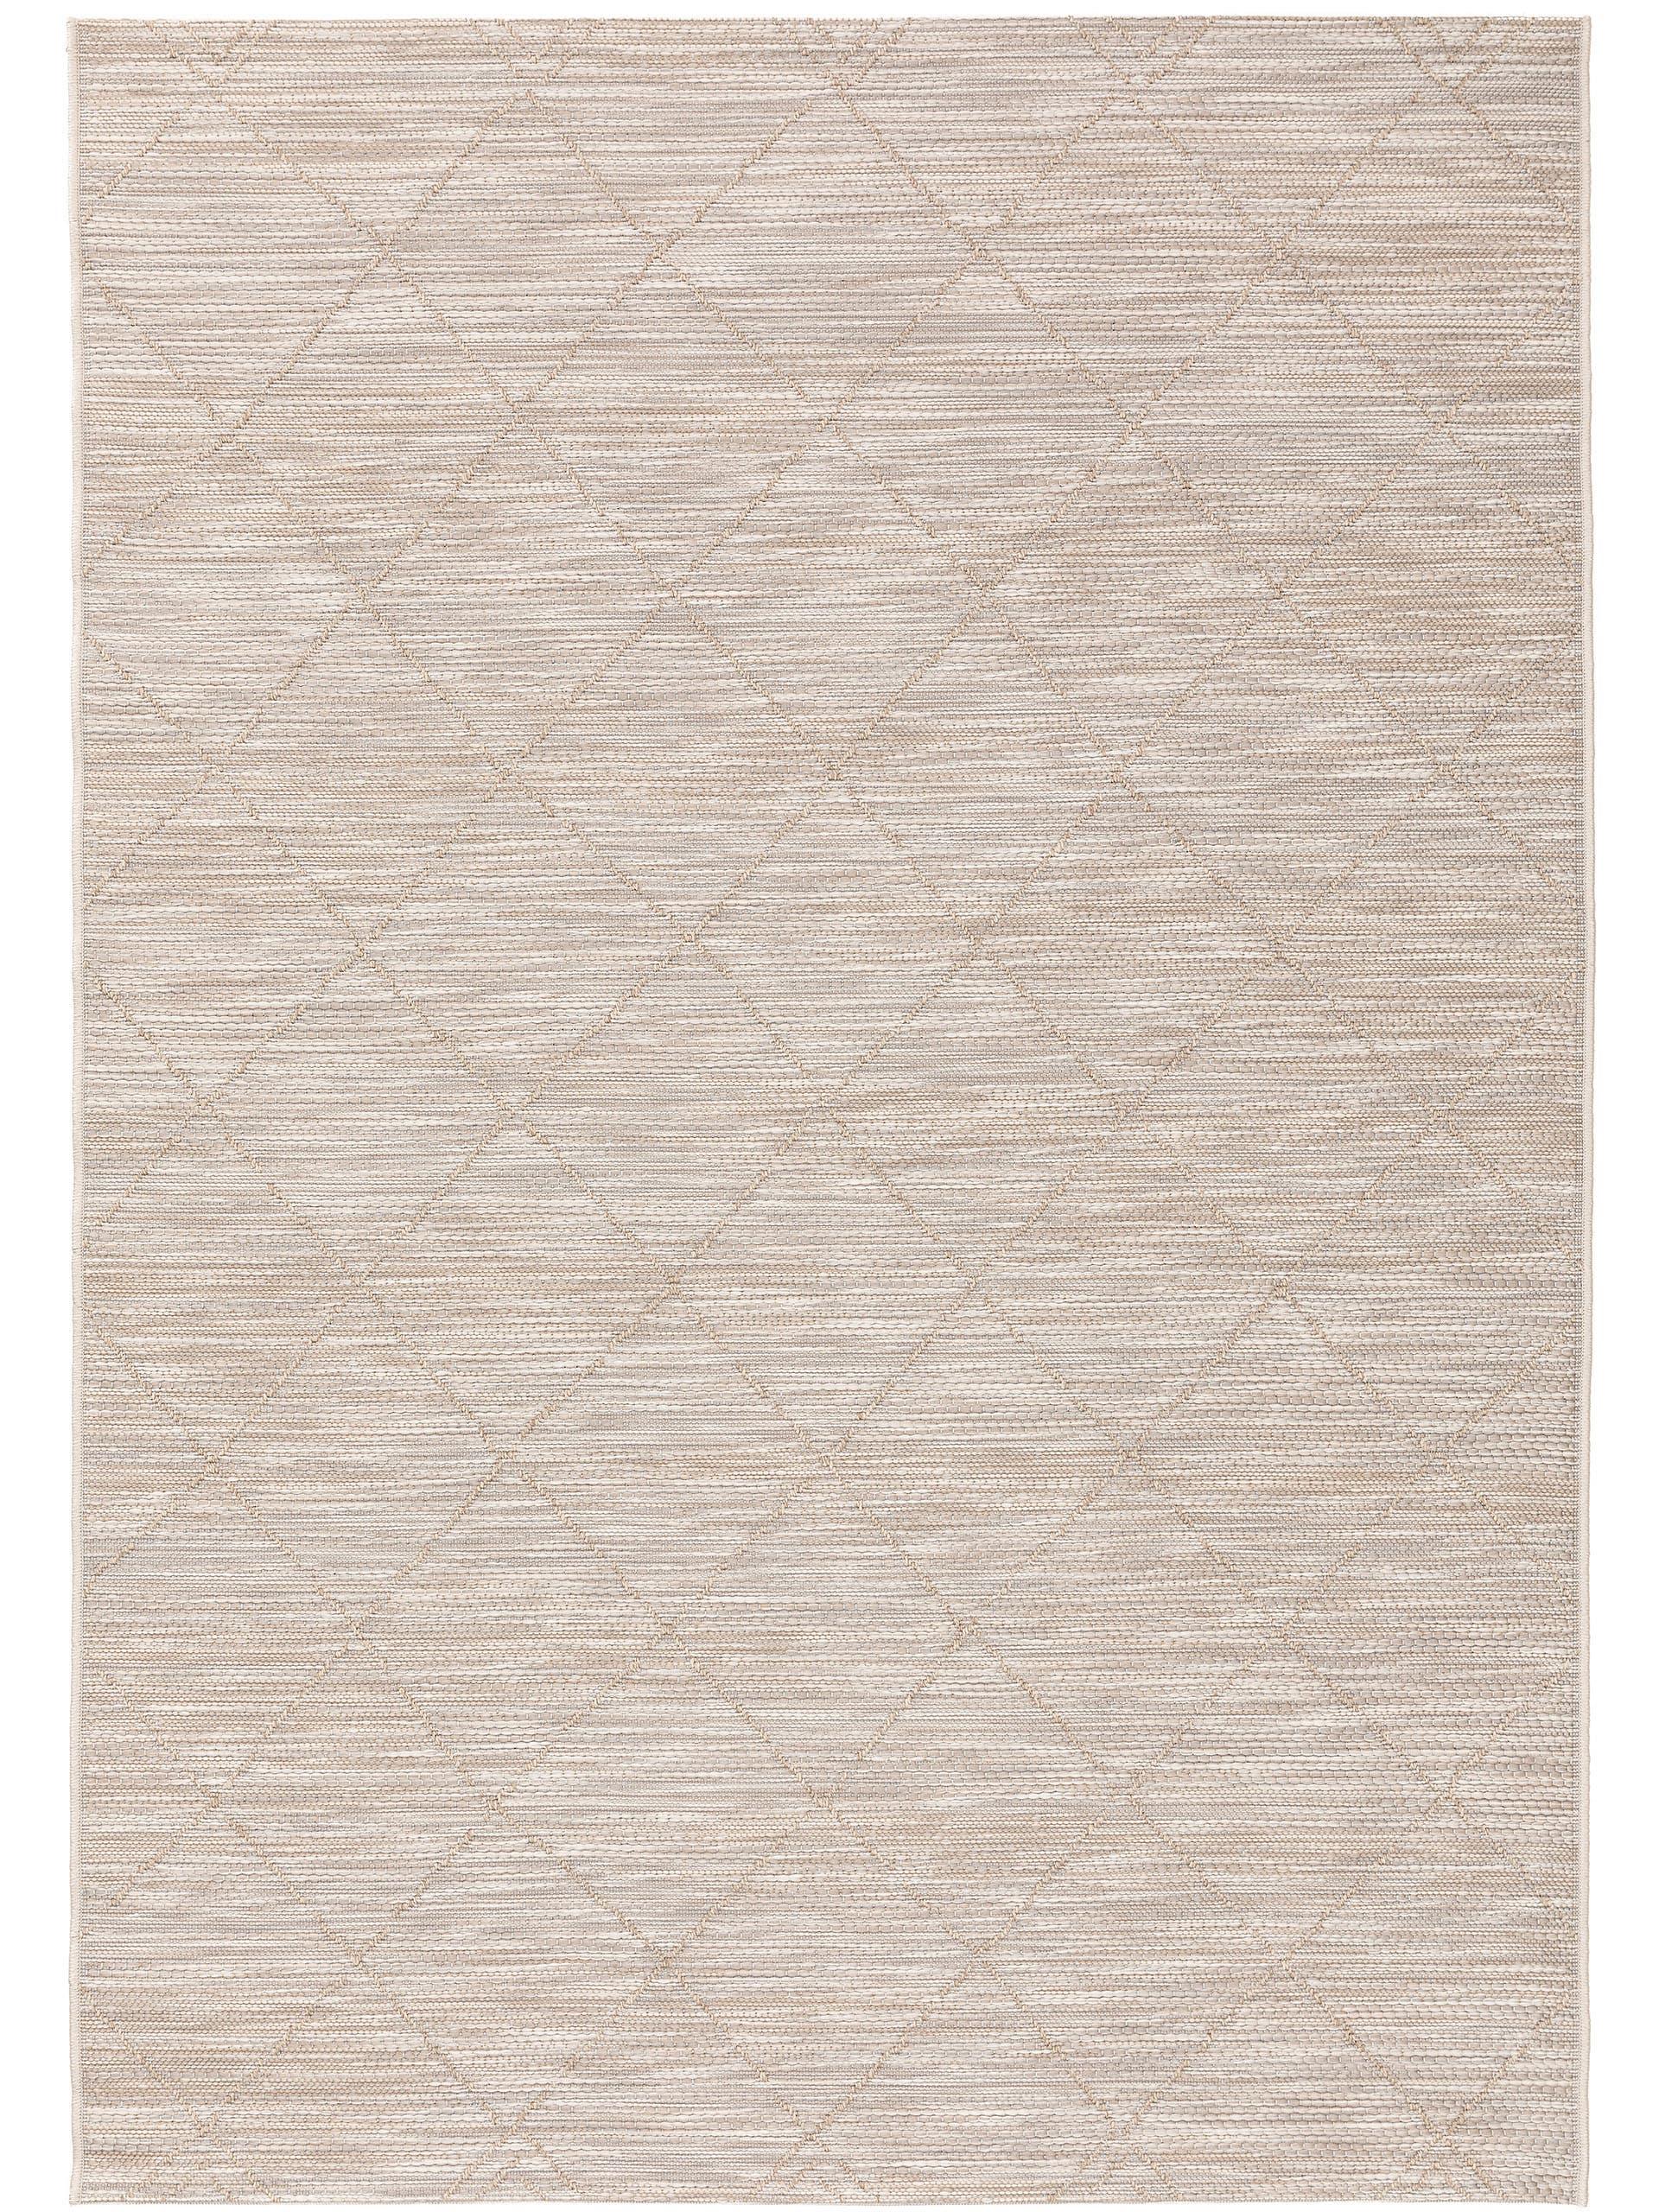 Tapis d'extérieur & intérieur beige 160x230